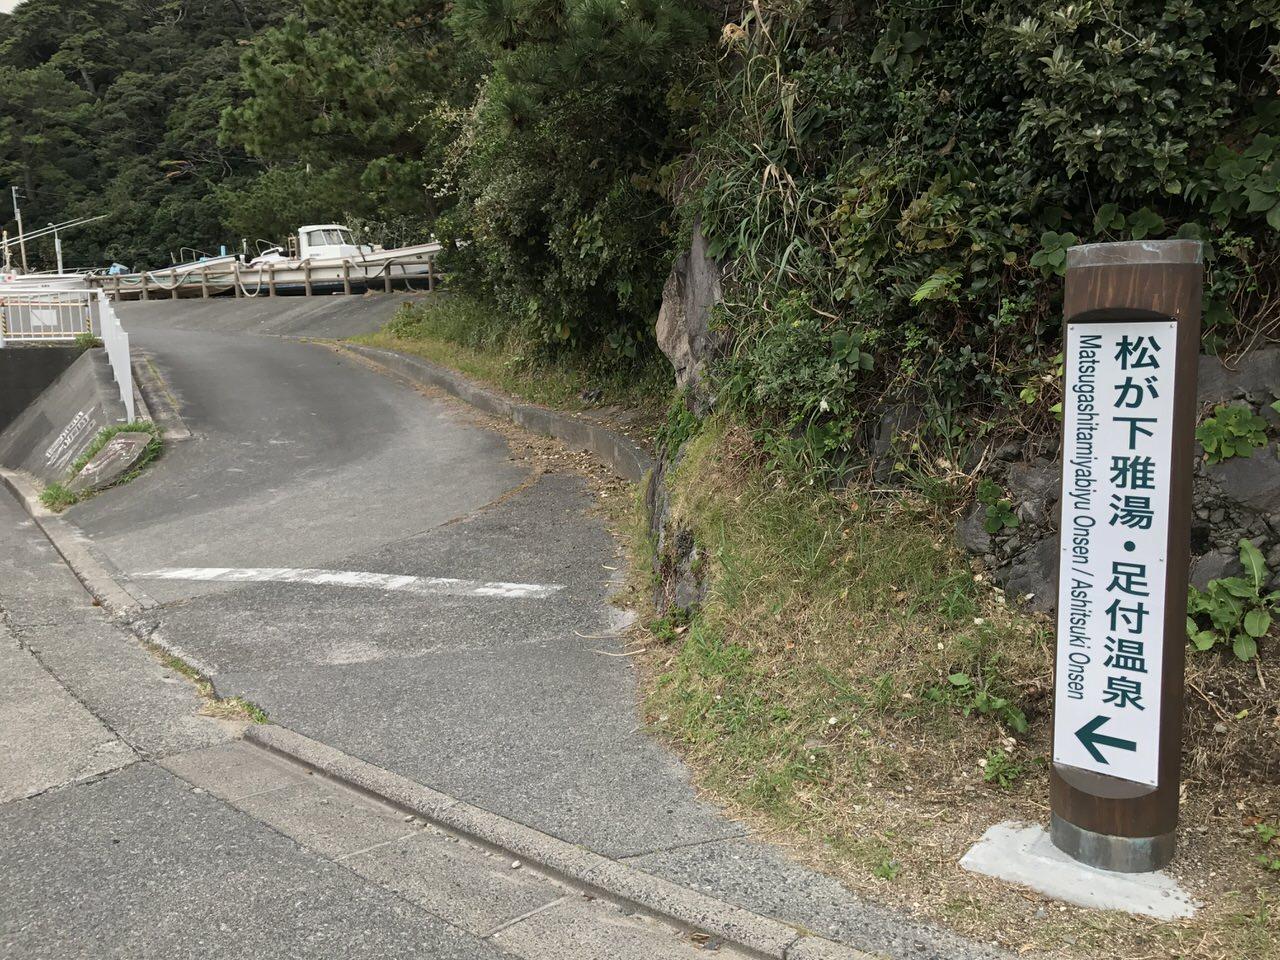 Niijima travel 2552